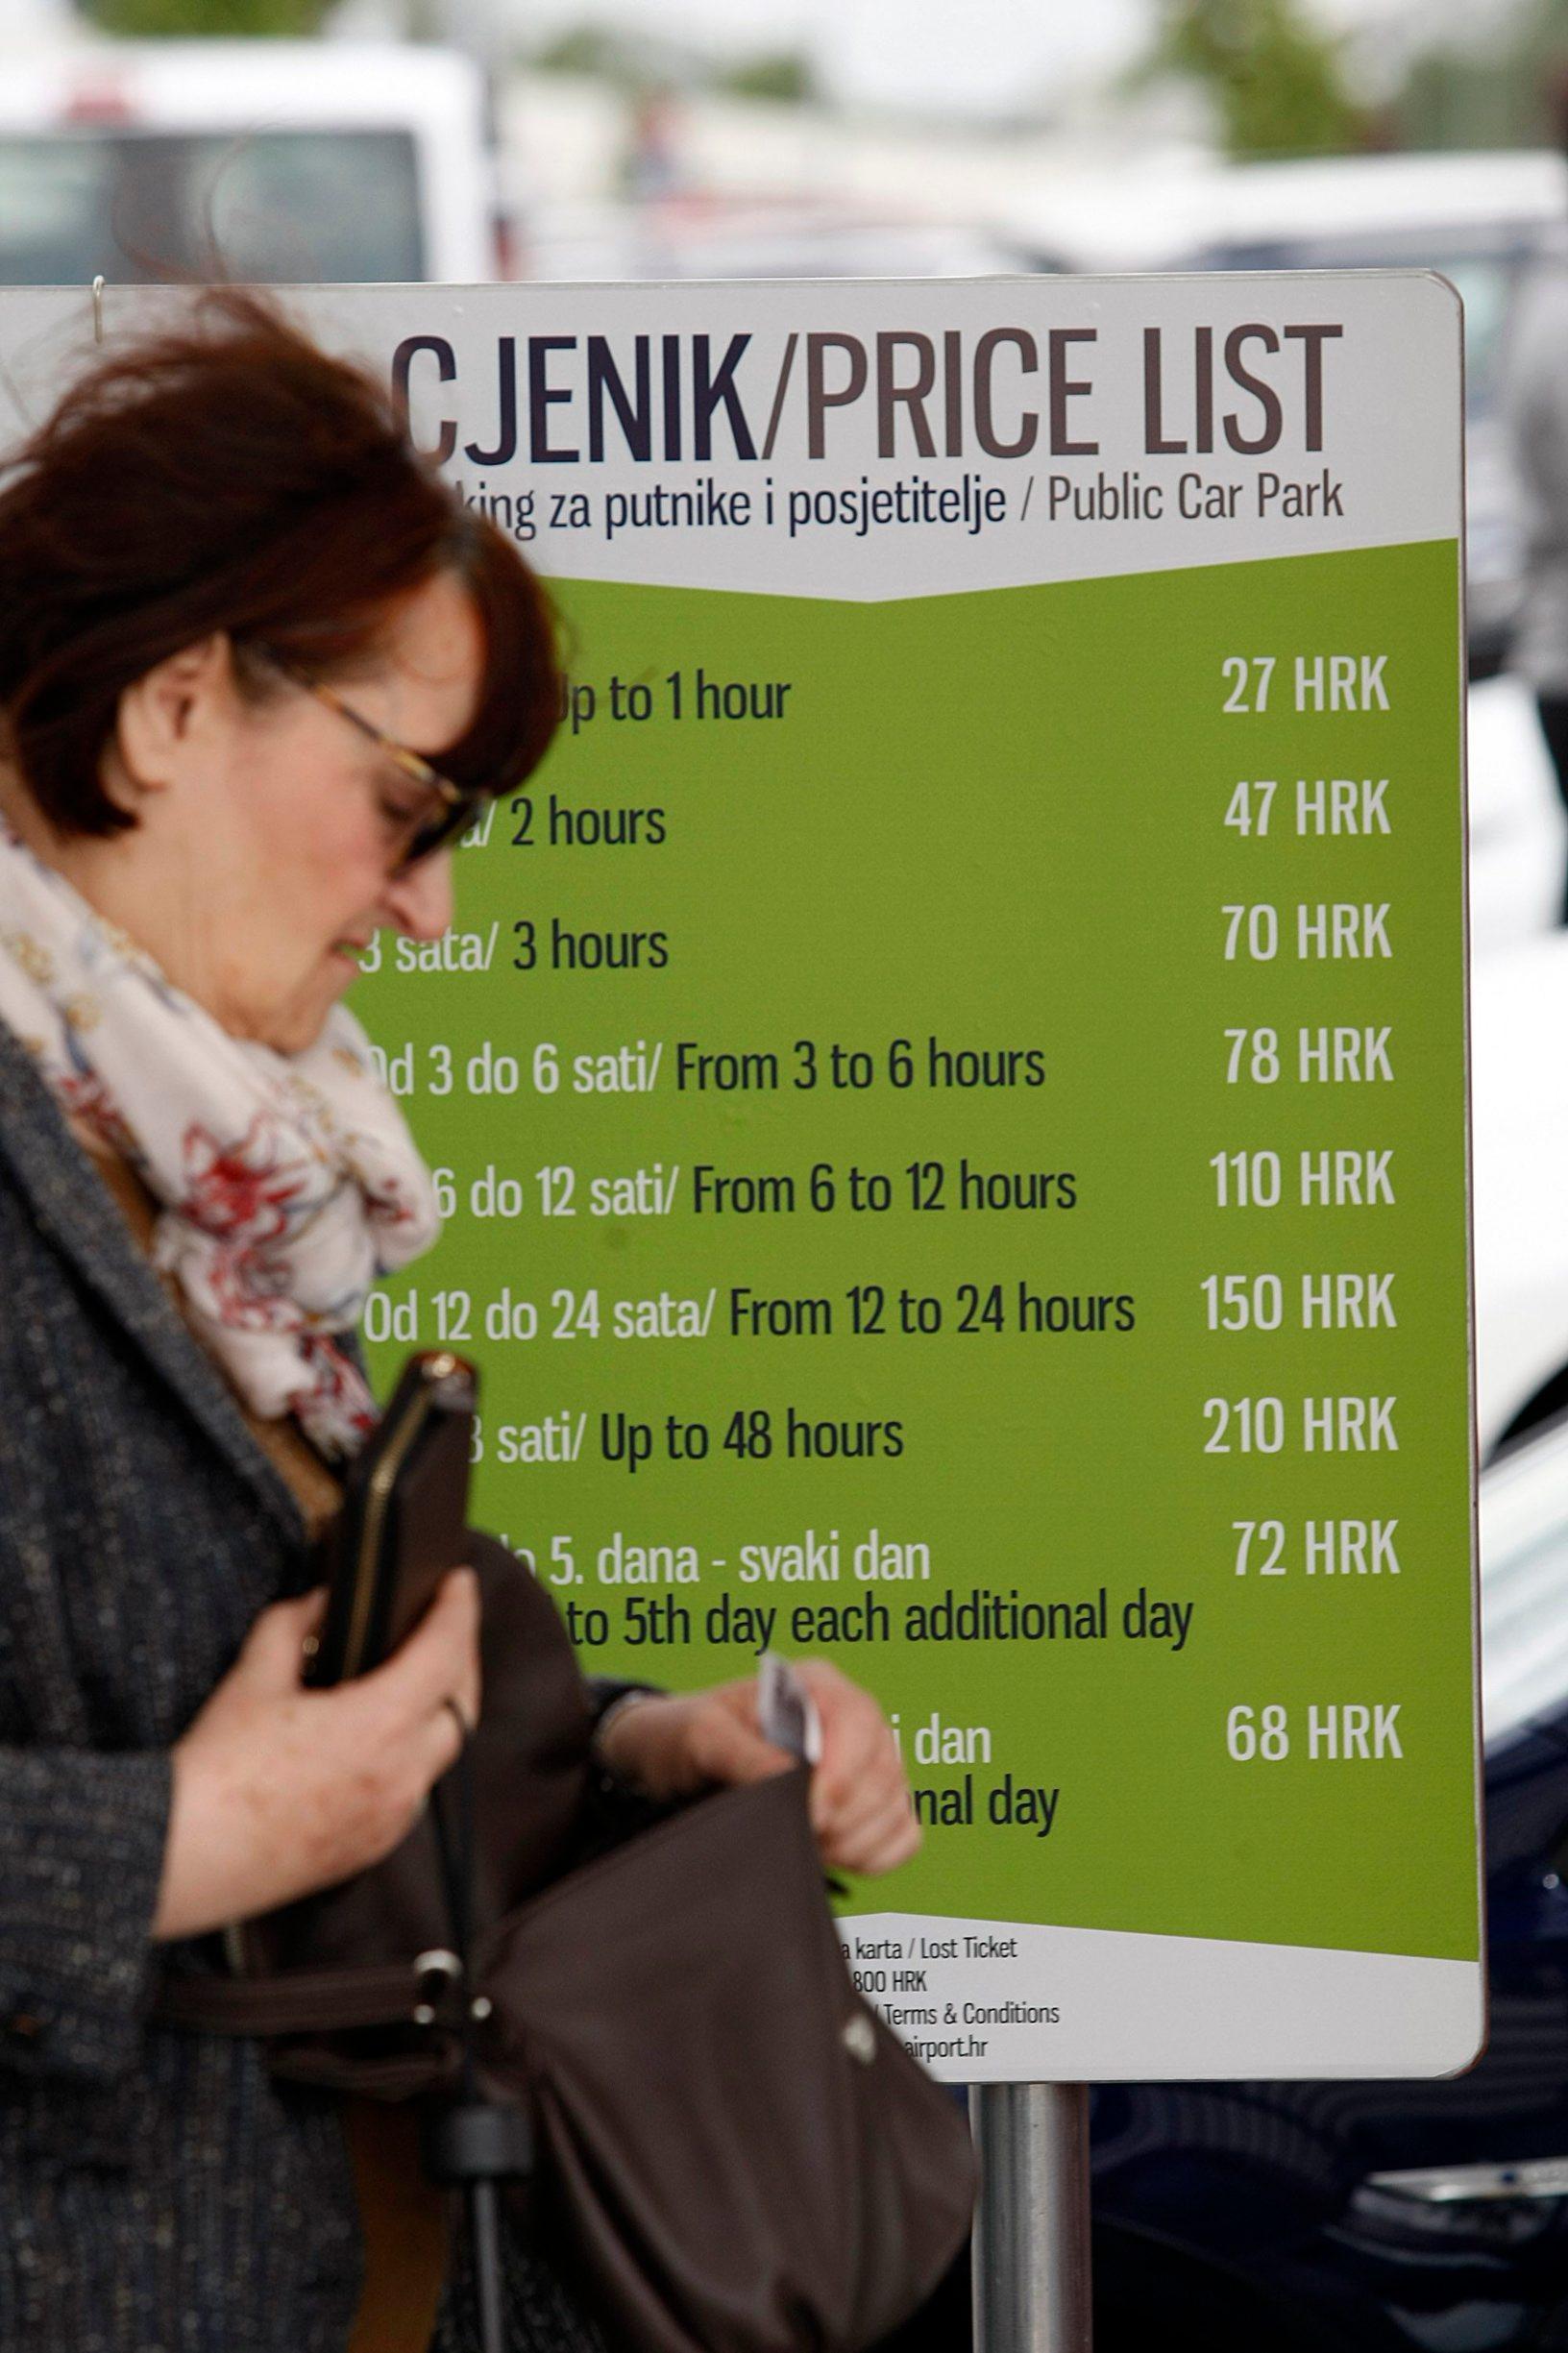 Zagreb, 030519. Zracna luka Franjo Tudjman. Ukinuta je usluga da taksisti i gradjani mogu besplatno na pola sata otici po putnika.  Foto: Ranko Suvar / CROPIX